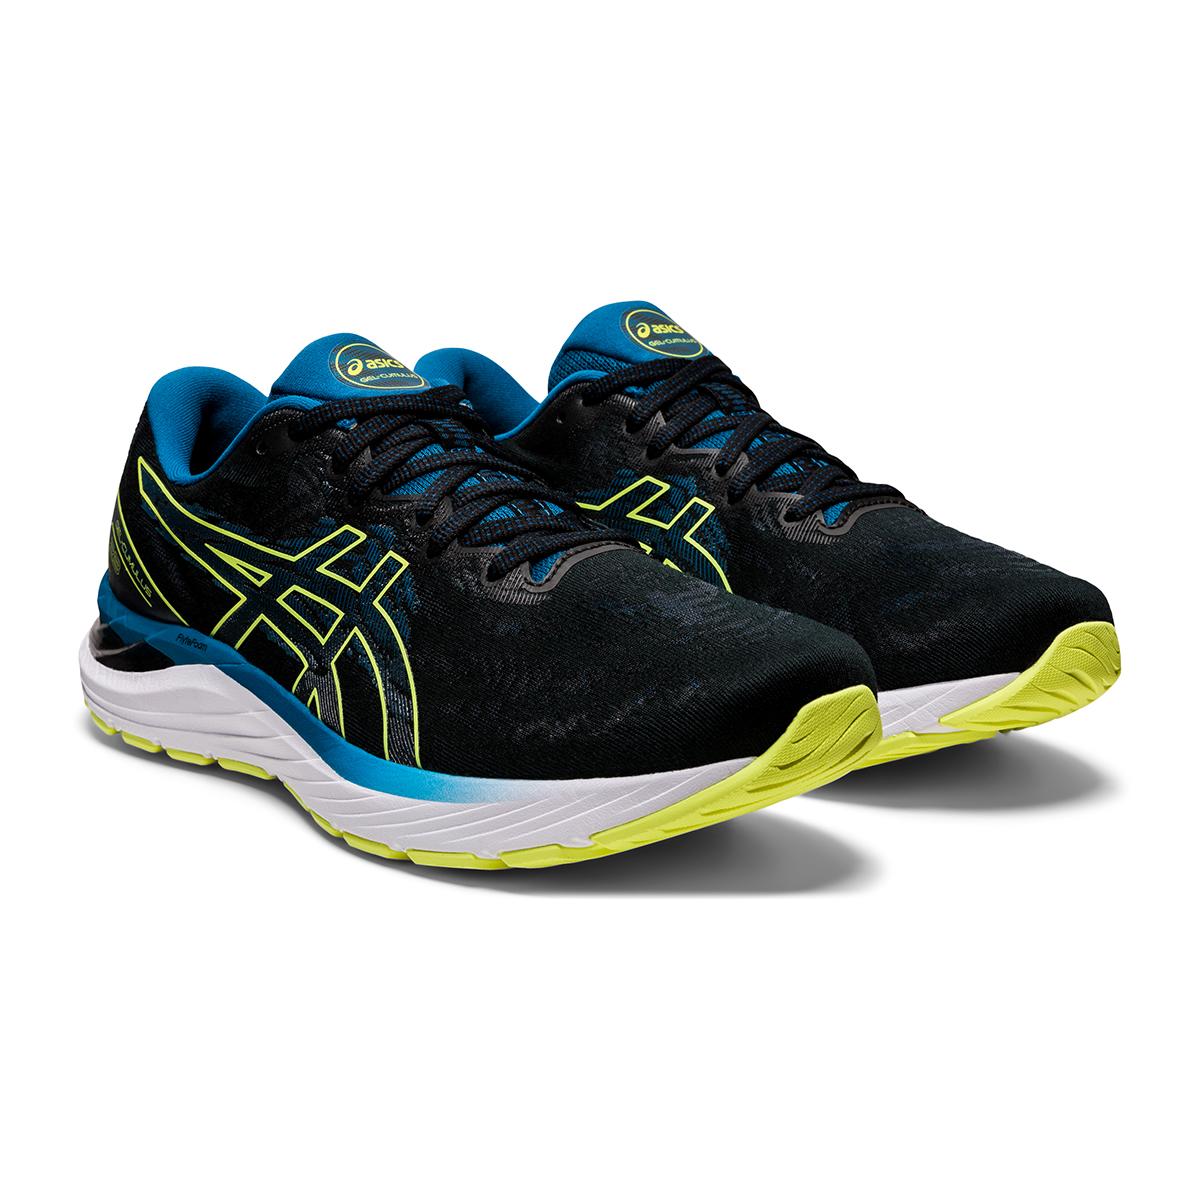 Men's Asics Gel-Cumulus 23 Running Shoe - Color: Black/Glow Yellow - Size: 7 - Width: Regular, Black/Glow Yellow, large, image 3